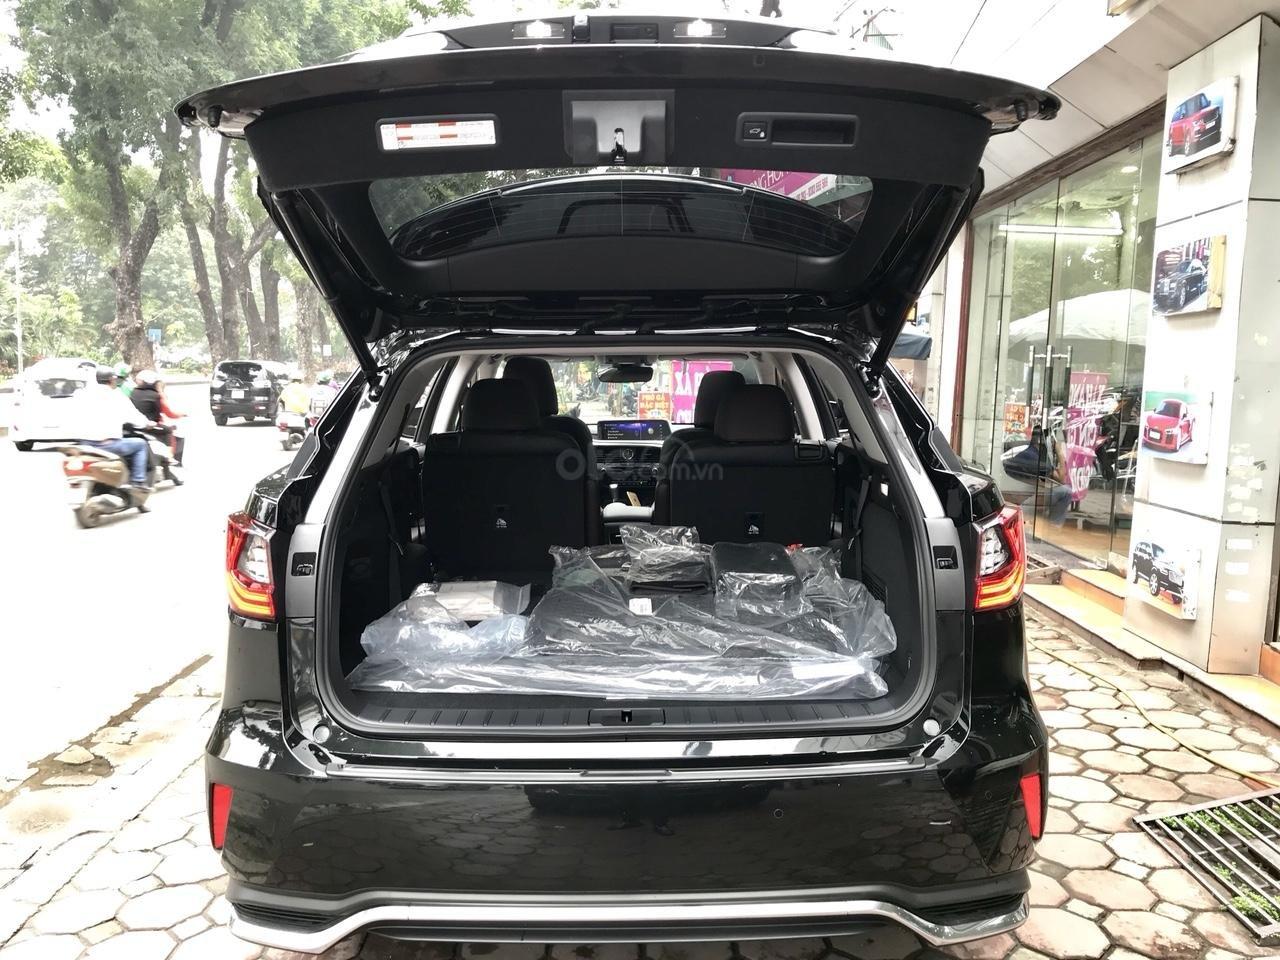 Bán Lexus RX R350L 2018, màu đen, 6 chỗ, nhập khẩu Mỹ - Mr Huân 0981.0101.61-19